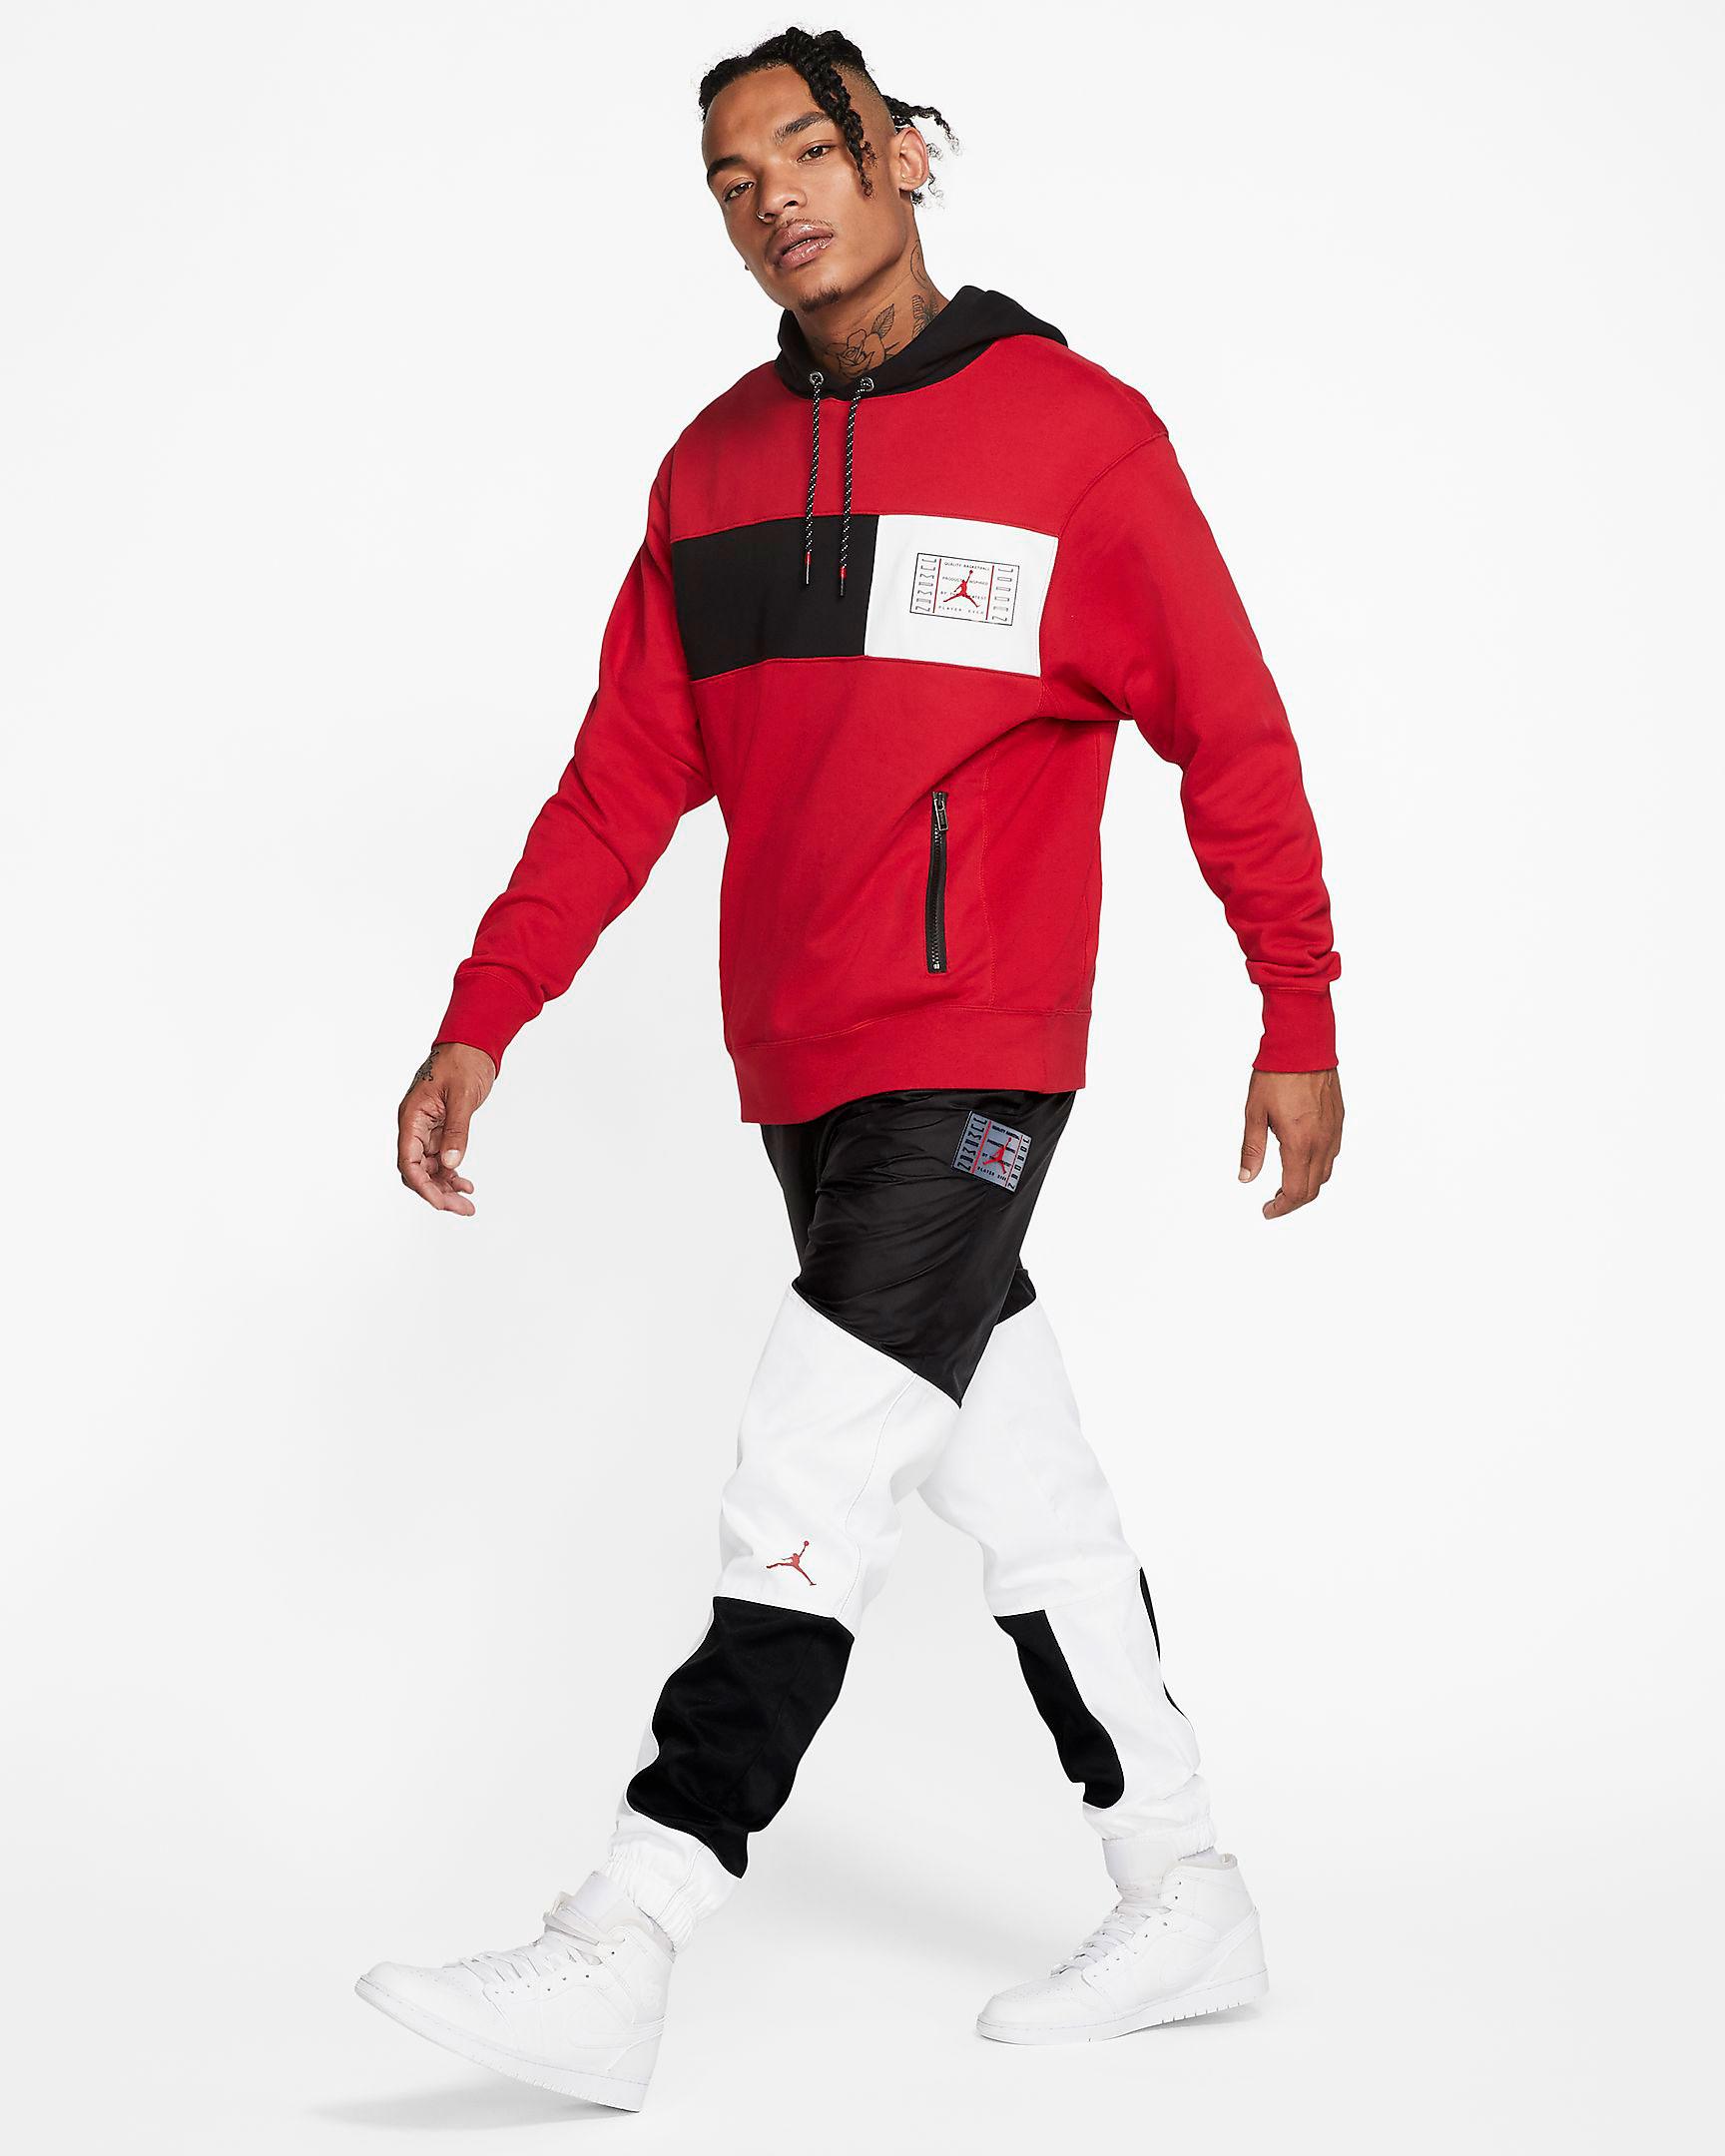 air-jordan-11-bred-2019-pants-hoodie